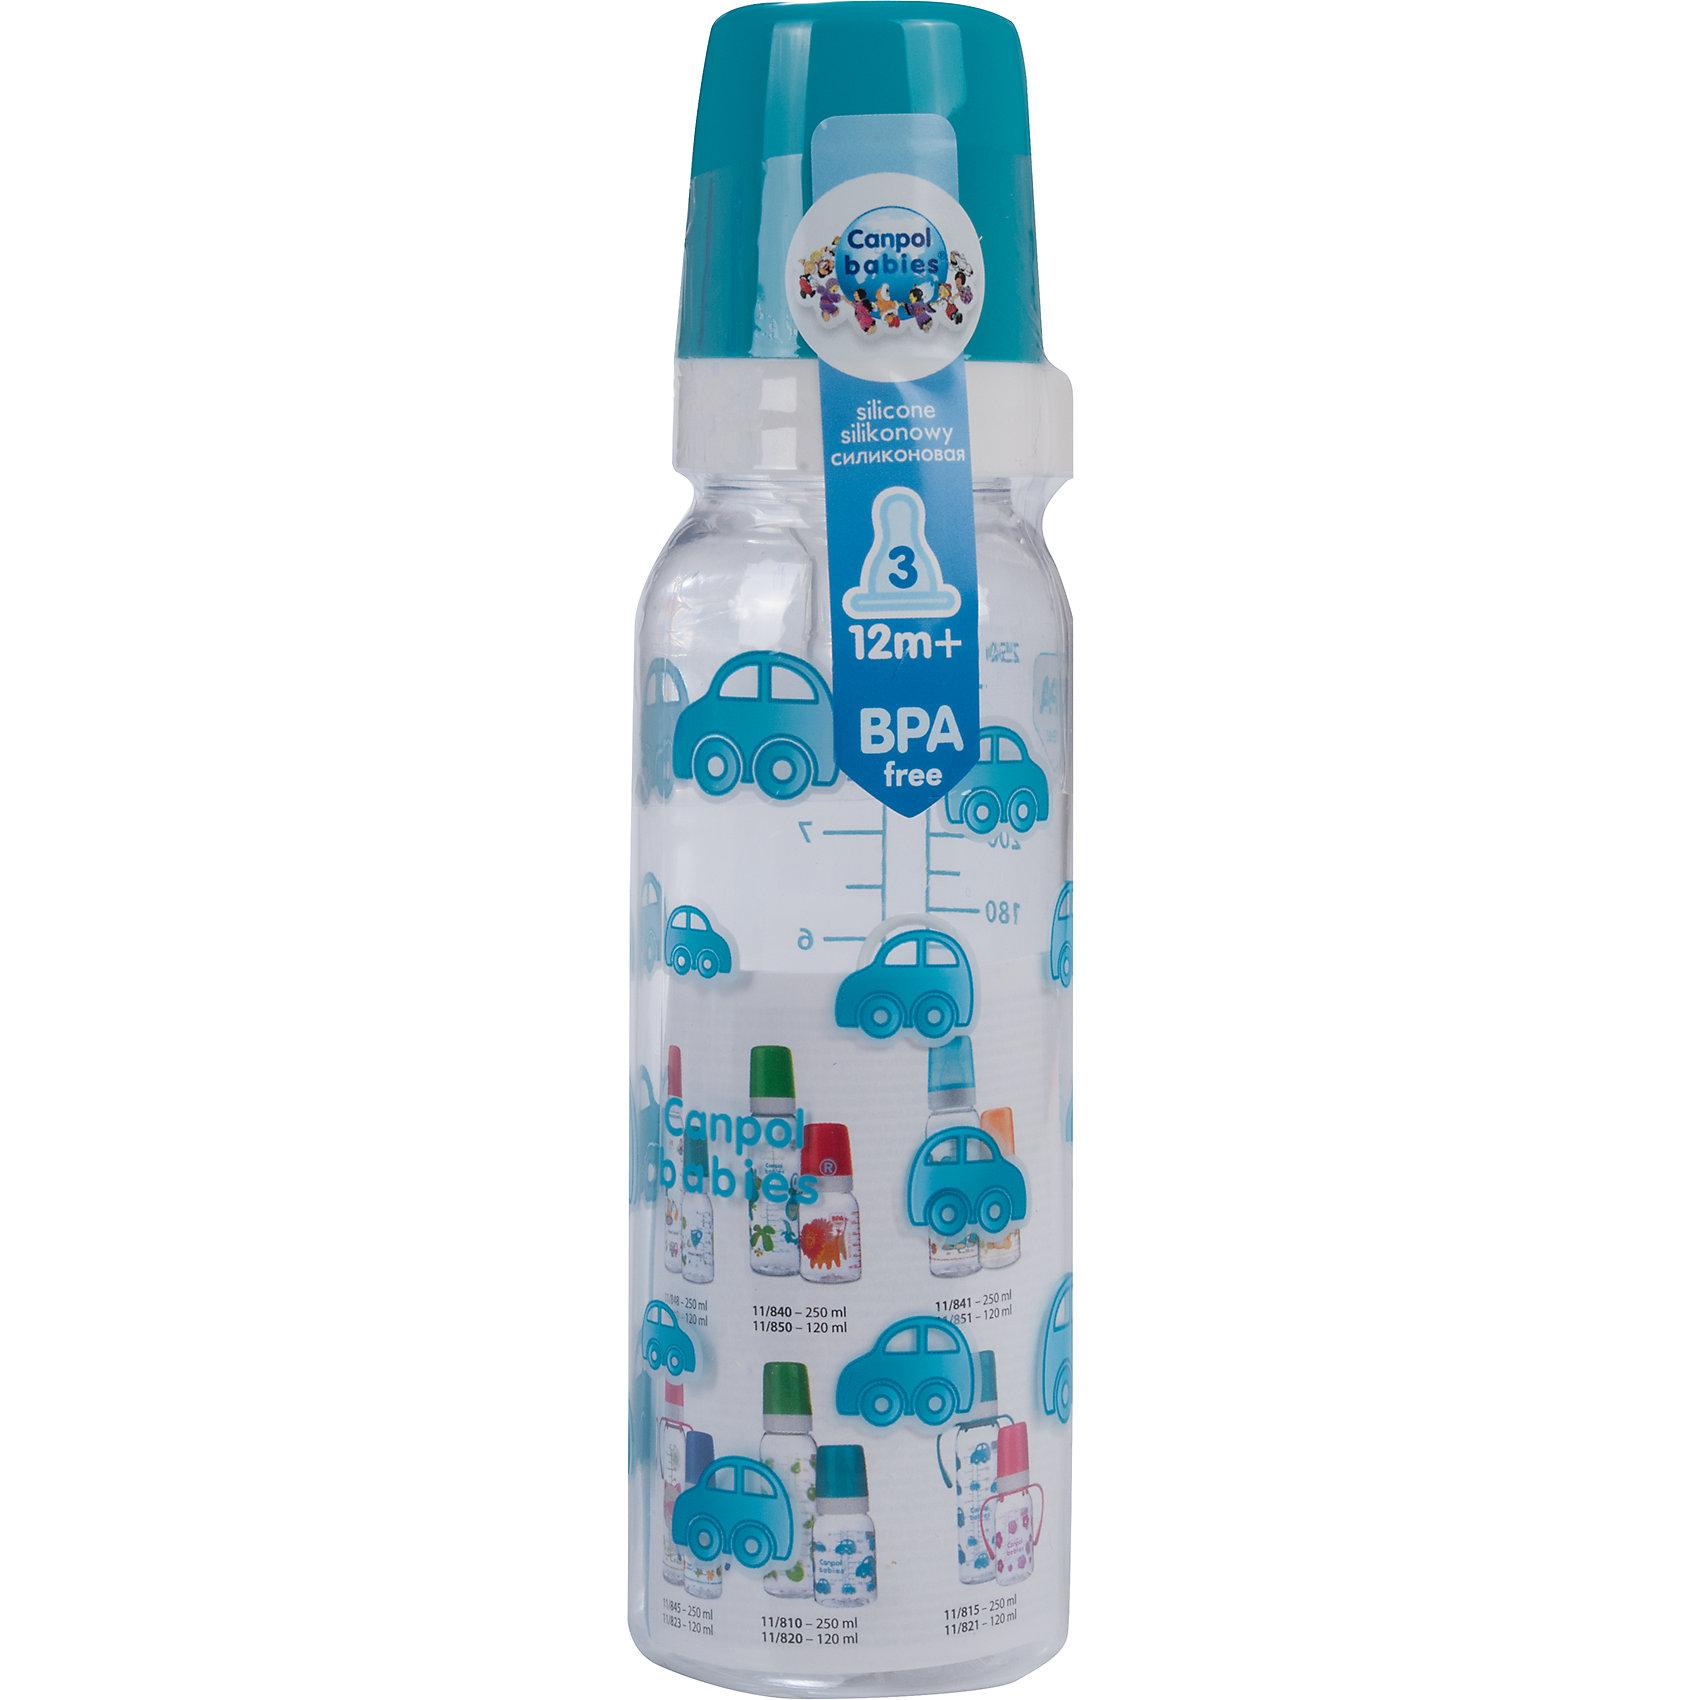 Бутылочка тритановая (BPA 0%) с сил. соской, 250 мл. 12+, Canpol Babies, бирюзовый210 - 281 мл.<br>Бутылочка тритановая (BPA 0%) с сил. соской, 250 мл. 12+, Canpol Babies, (Канпол Бейбис), бирюзовый.<br><br>Характеристики: <br><br>• Объем бутылочки: 250 мл.<br>• Материал бутылочки: тритан - пластик нового поколения.<br>• Материал соски: силикон.<br>• Цвет : бирюзовый. <br>Бутылочка тритановая (BPA 0%) с сил. соской, 250 мл. 12+, Canpol Babies, (Канпол Бейбис) имеет классическую форму. Удобна в использовании дома и в дороге. Бутылочка выполнена из безопасного качественного материала - тритана, который хорошо держит тепло, снабжена силиконовой соской (быстрый поток) и защитным колпачком, имеет удобную мерную шкалу.  Такую бутылочку и все части можно кипятить в воде или стерилизовать с помощью специального прибора. Не впитывает запахи. Бутылочка выполнена в бирюзовом цвете и украшена забавным принтом.<br>Бутылочку тритановая (BPA 0%) с сил. соской, 250 мл. 12+, Canpol Babies, (Канпол Бейбис), бирюзовый можно купить в нашем интернет- магазине.<br><br>Ширина мм: 65<br>Глубина мм: 54<br>Высота мм: 235<br>Вес г: 670<br>Возраст от месяцев: 12<br>Возраст до месяцев: 36<br>Пол: Мужской<br>Возраст: Детский<br>SKU: 5156807